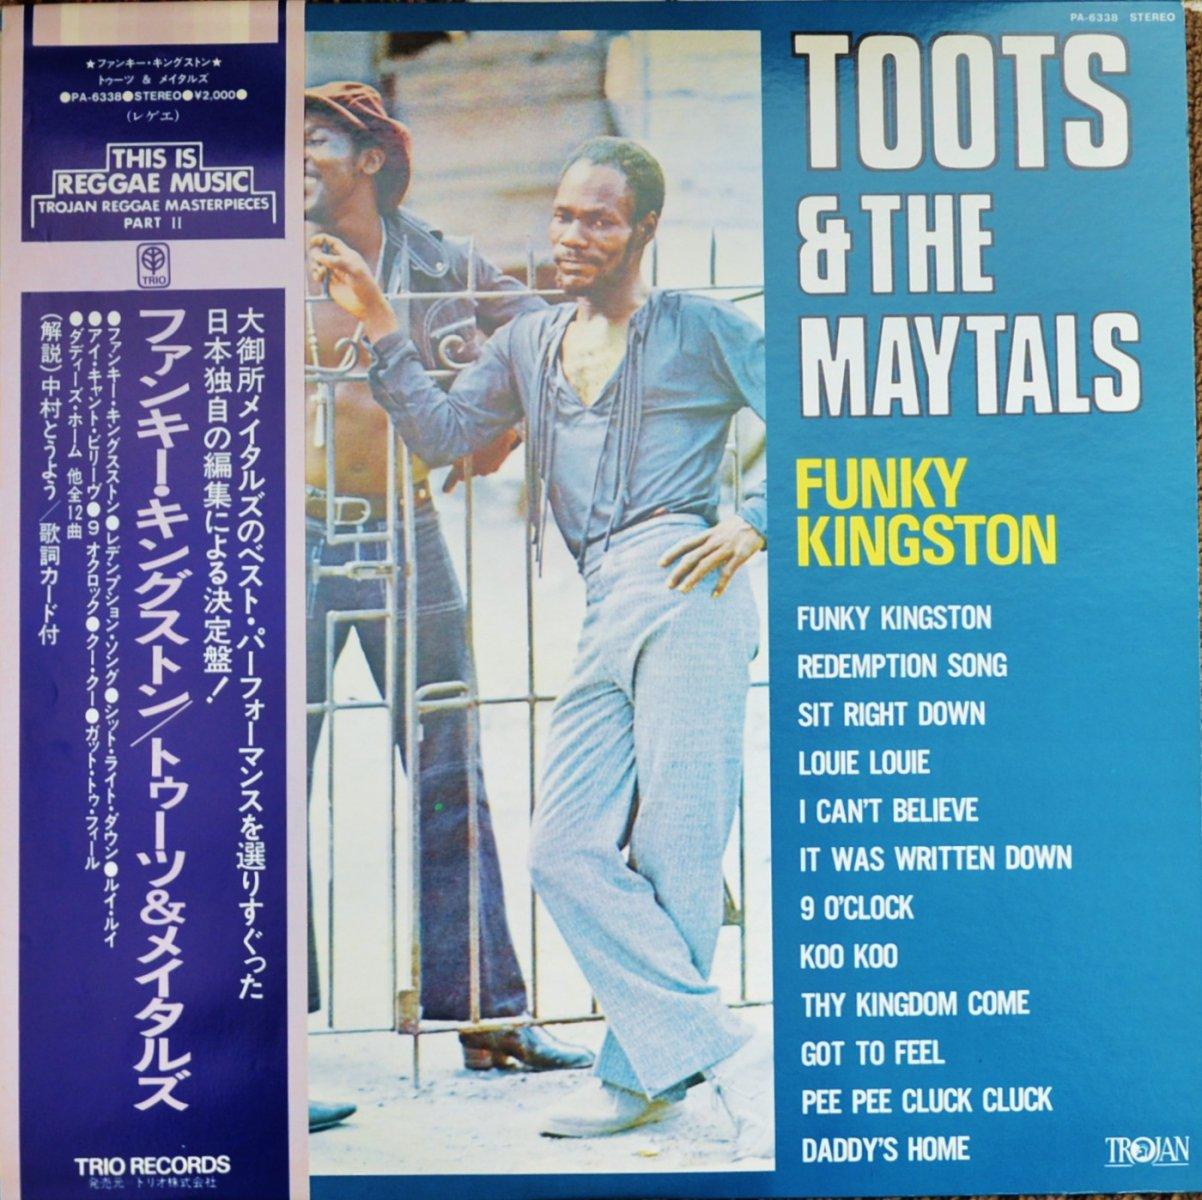 トゥーツ & メイタルズ TOOTS & THE MAYTALS / ファンキー・キングストン FUNKY KINGSTON (LP)